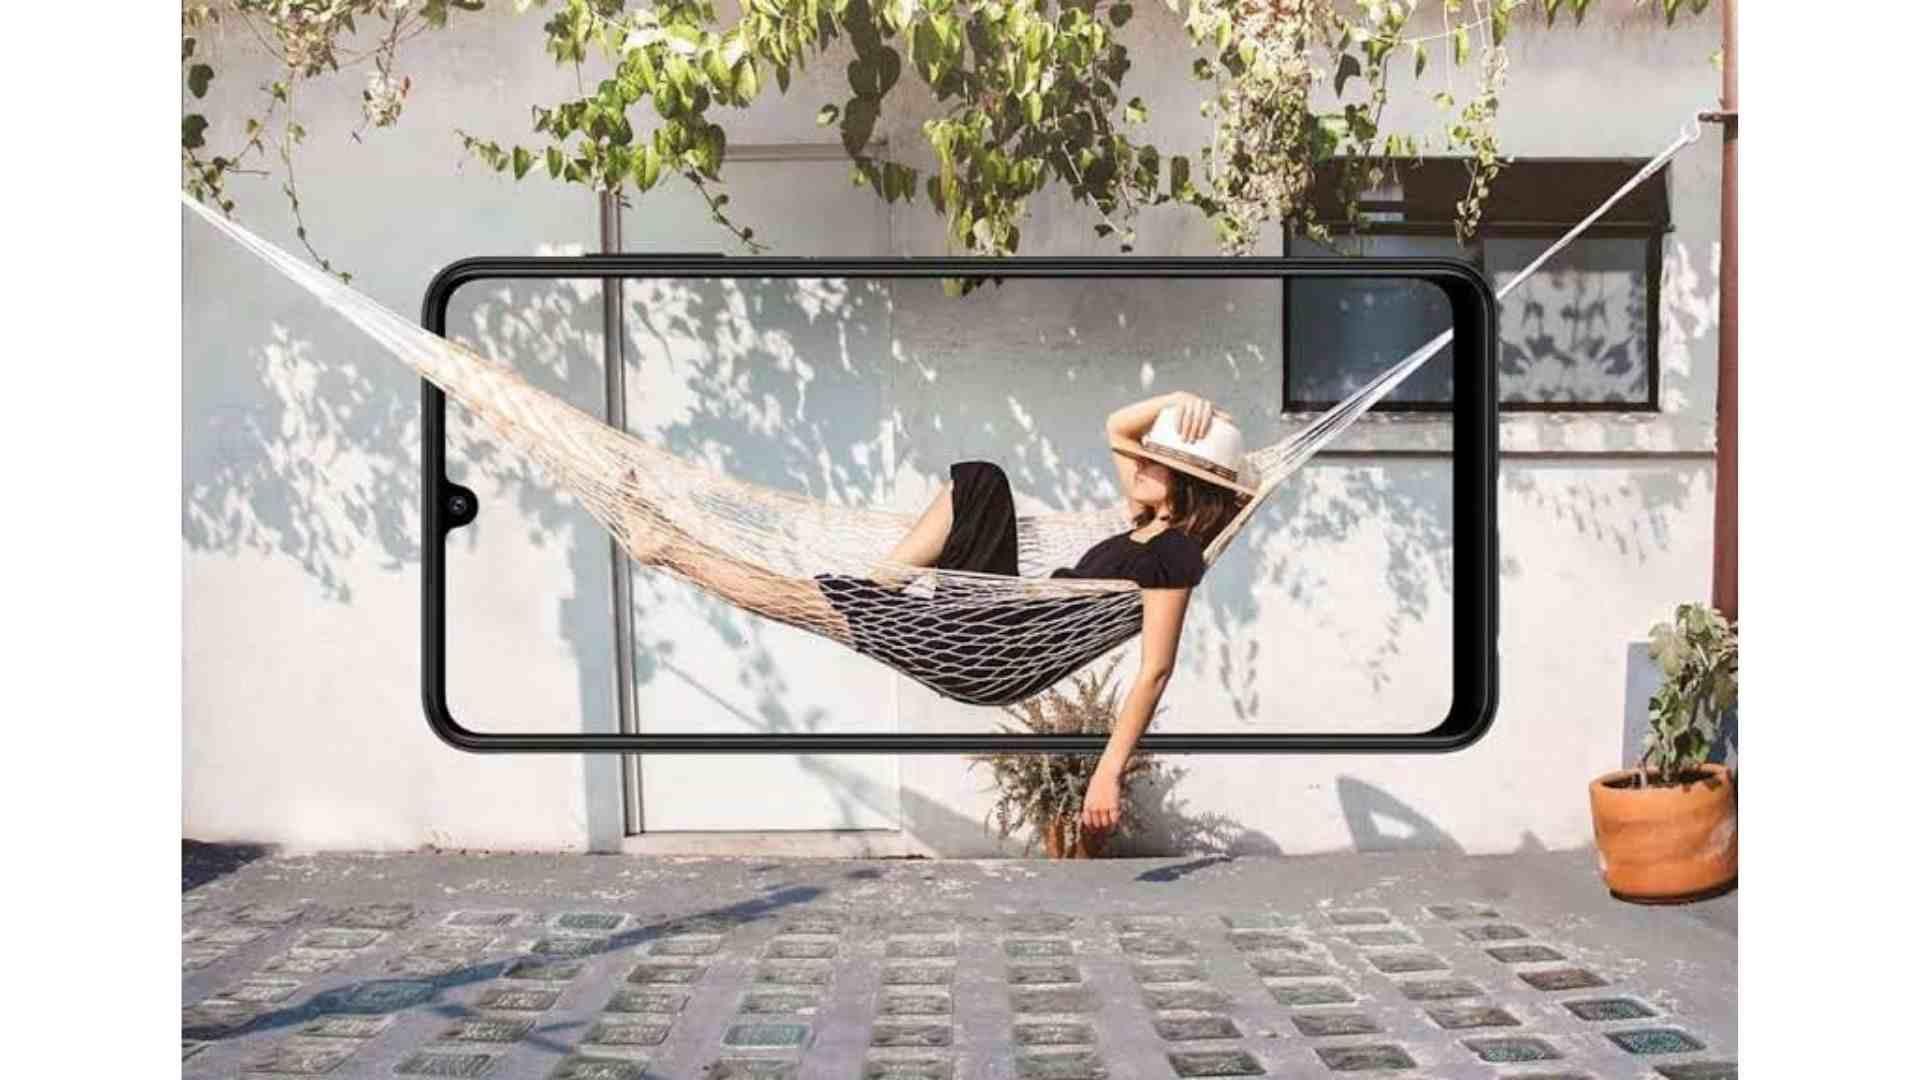 Tela do Galaxy A22 com imagem de mulher deitada em rede com fundo idêntico